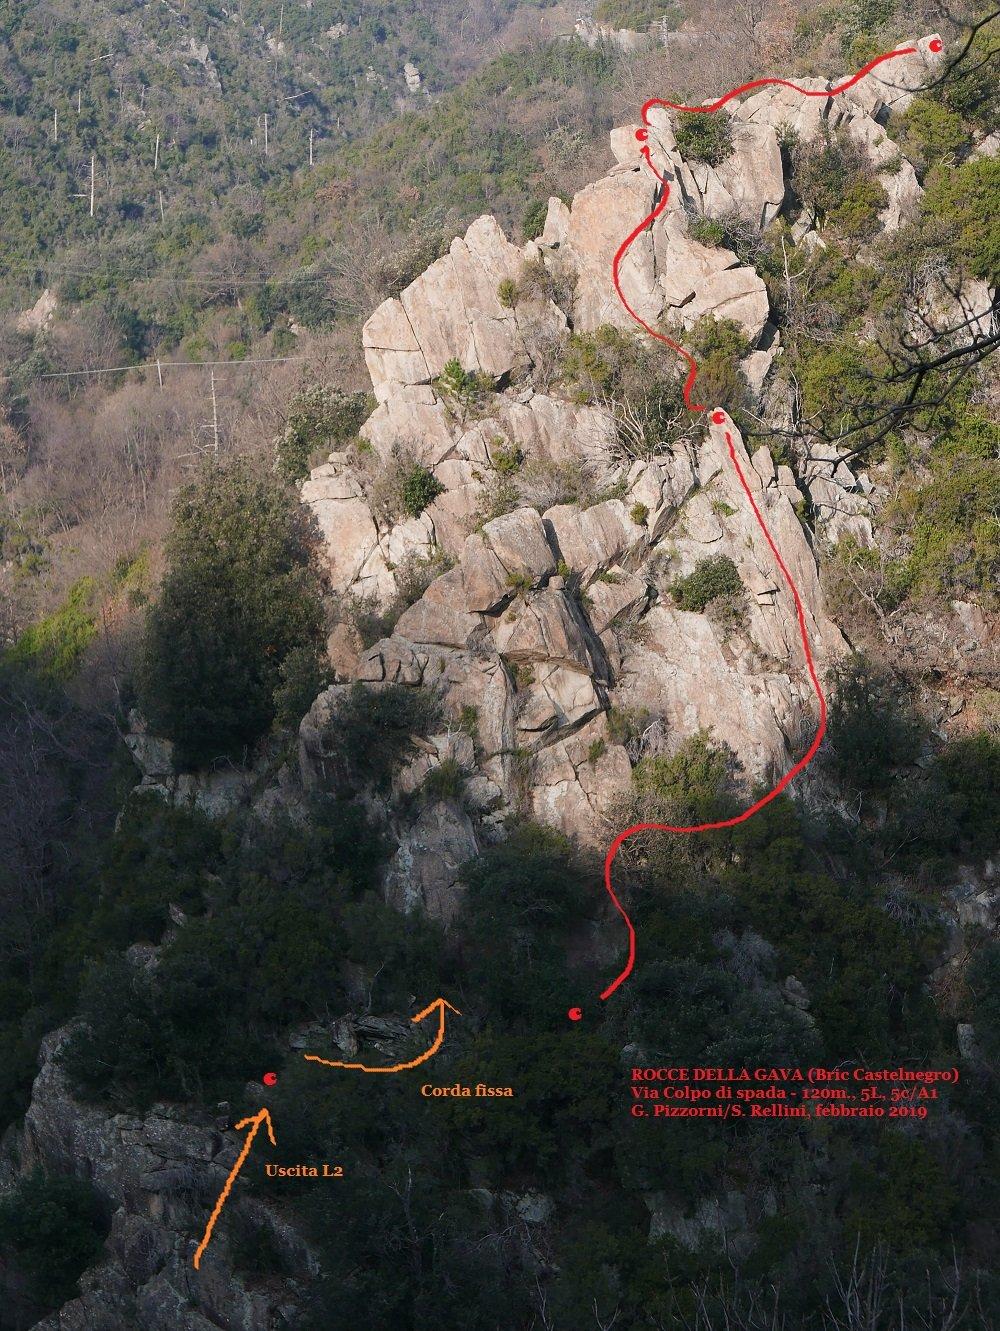 Tracciato della parte più alta della via (L3-L5)